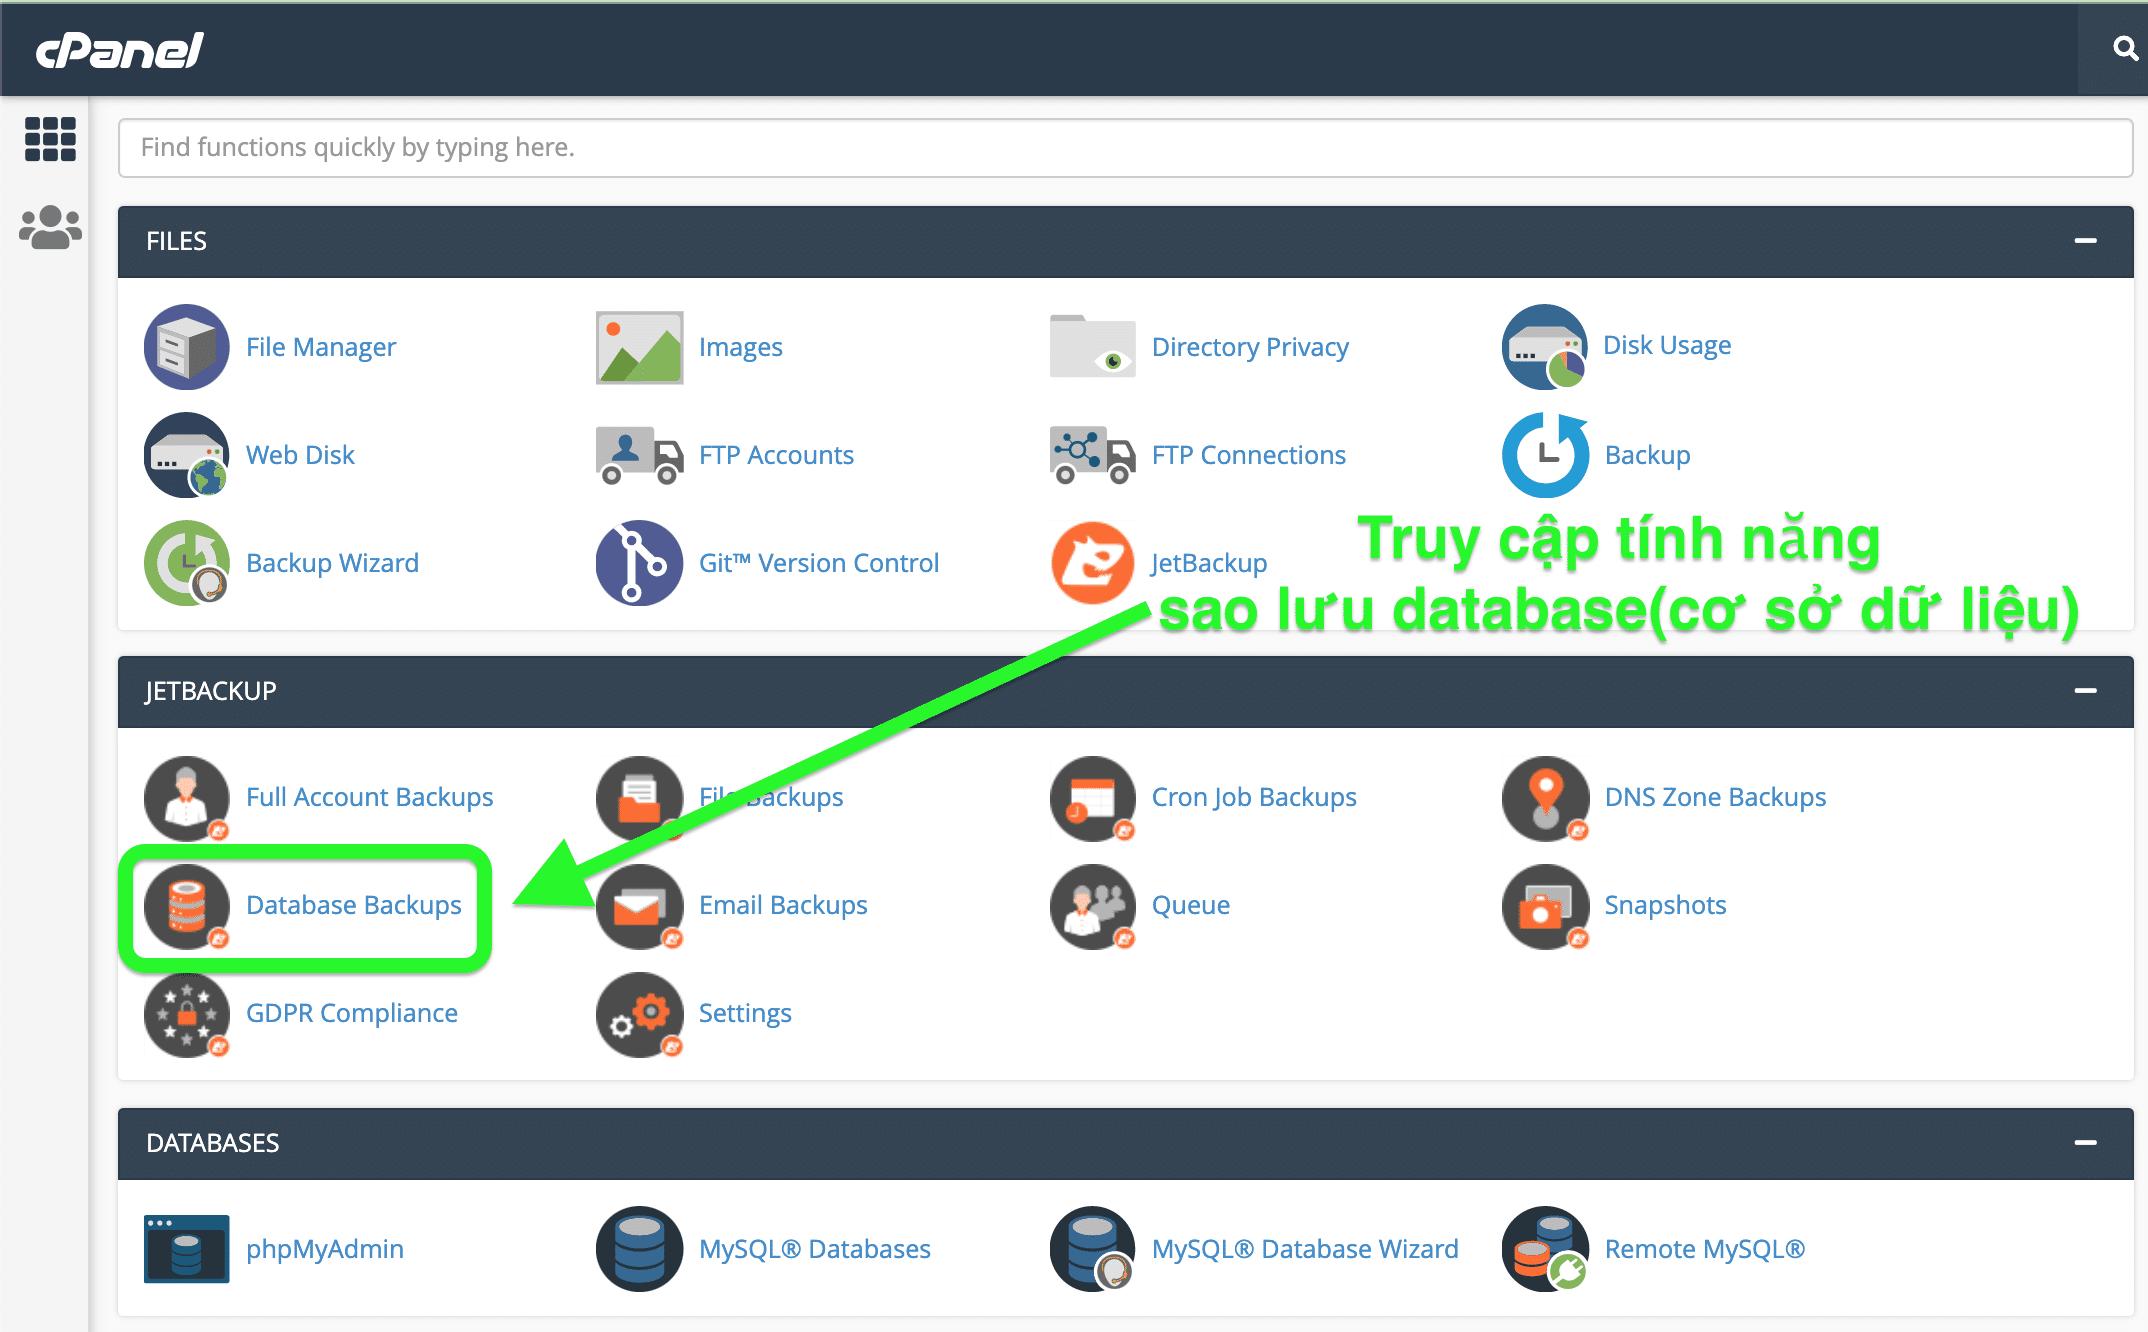 Tính năng Database backups trên cPanel